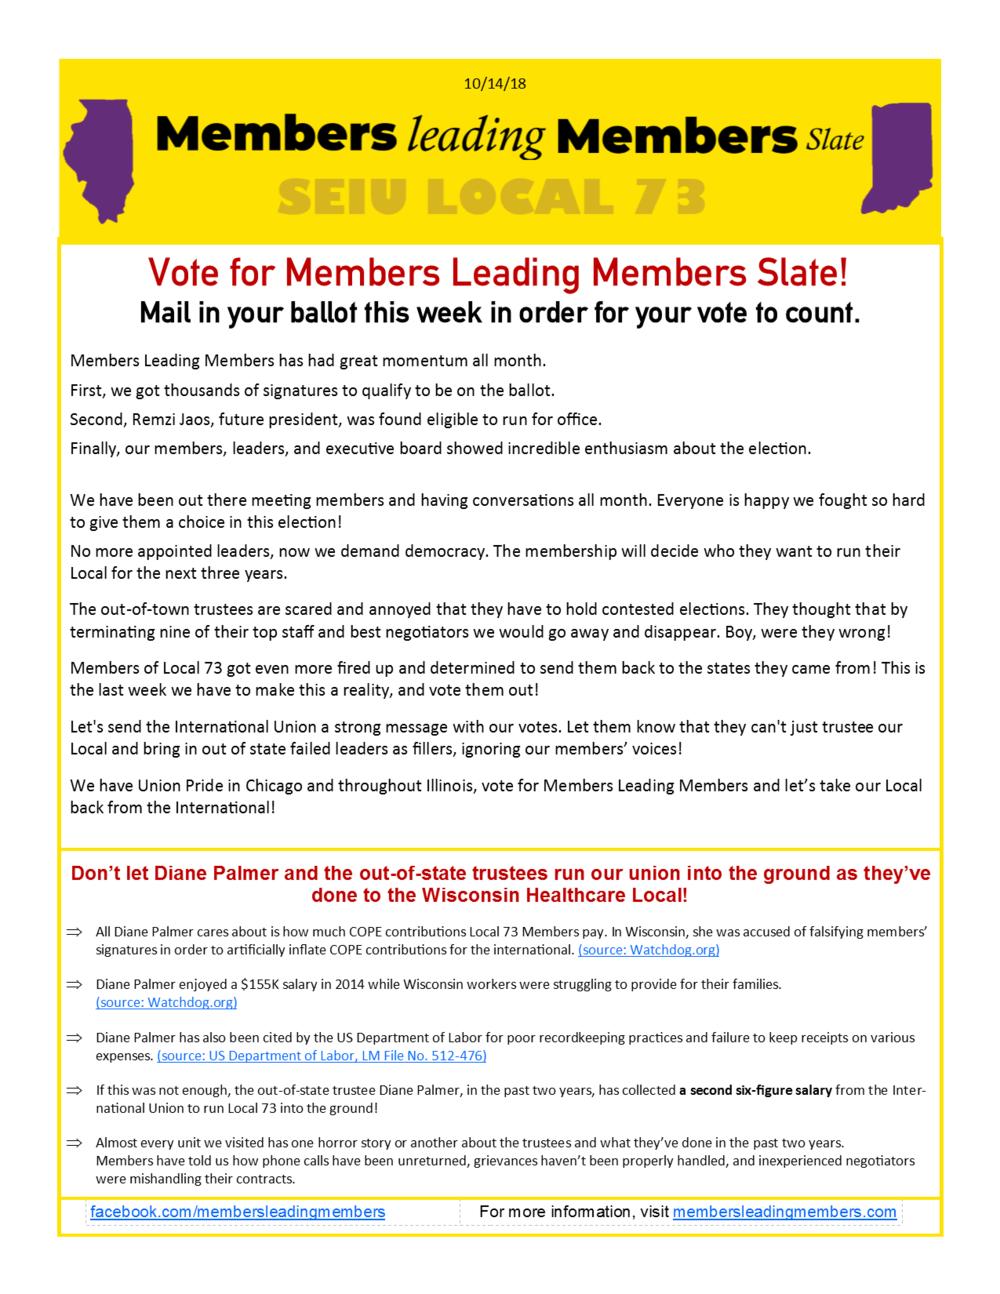 Members Leading Members Flier 10-14-18.png